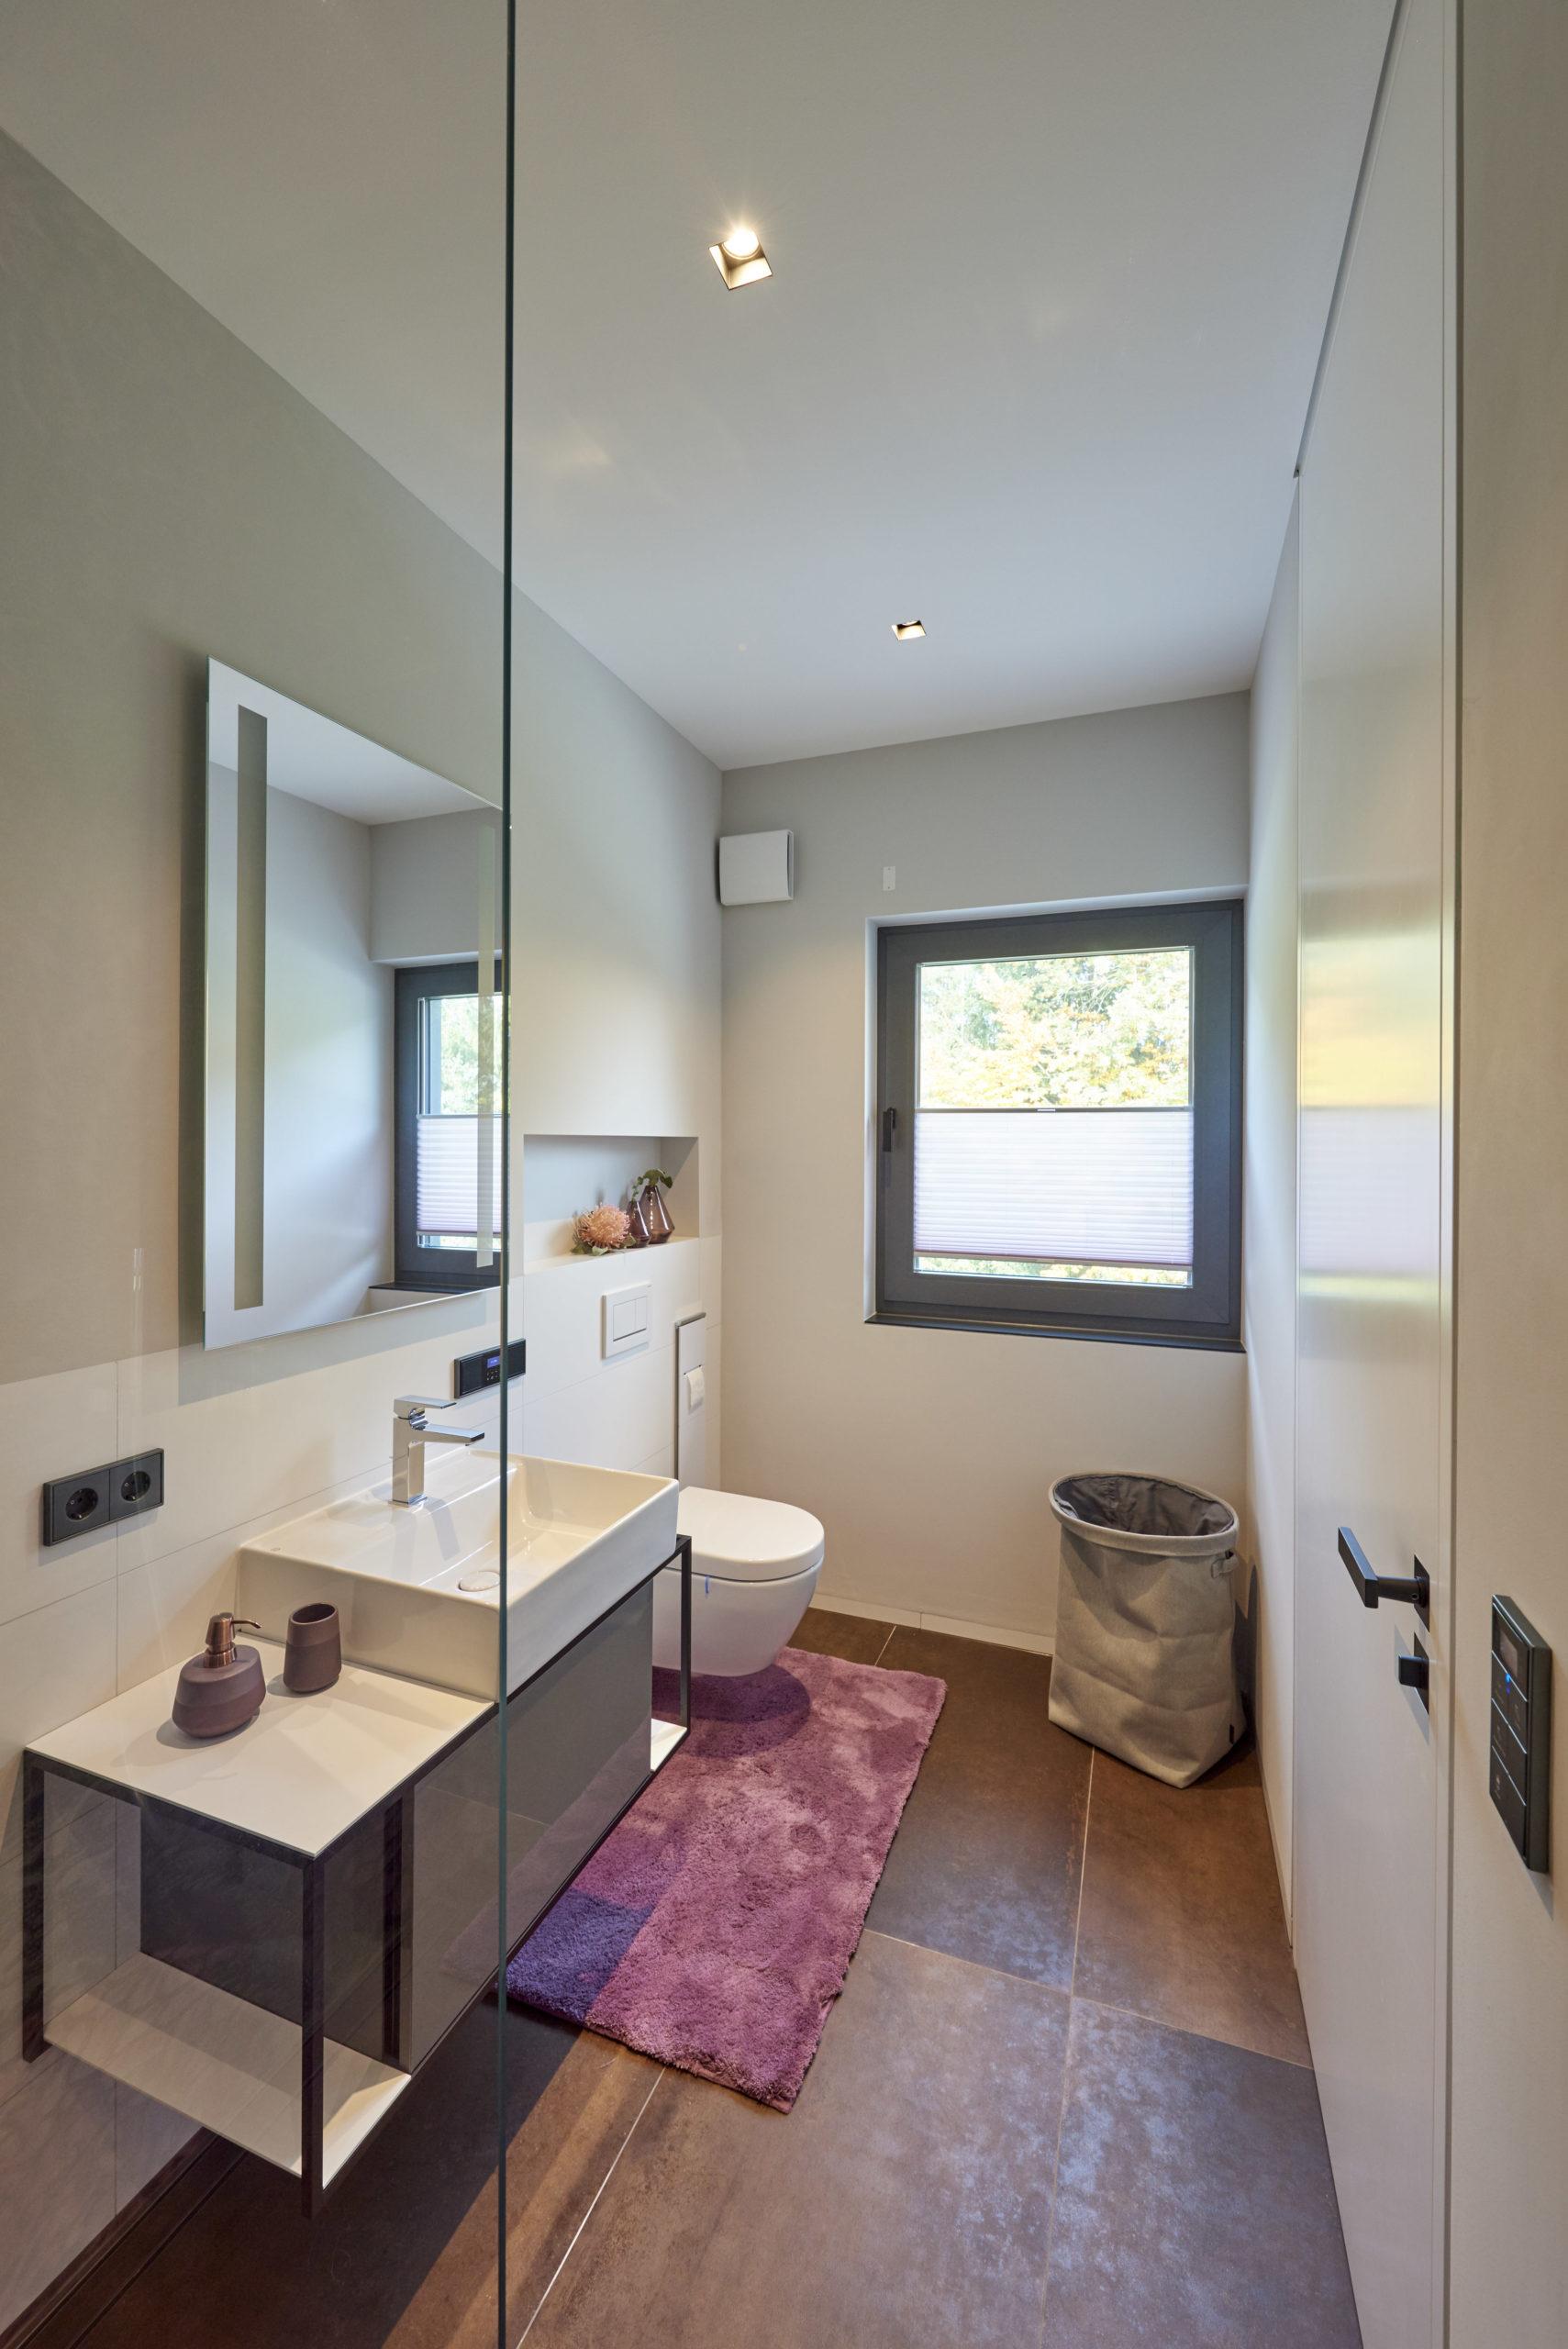 schlauchartiges_badezimmer-1-scaled